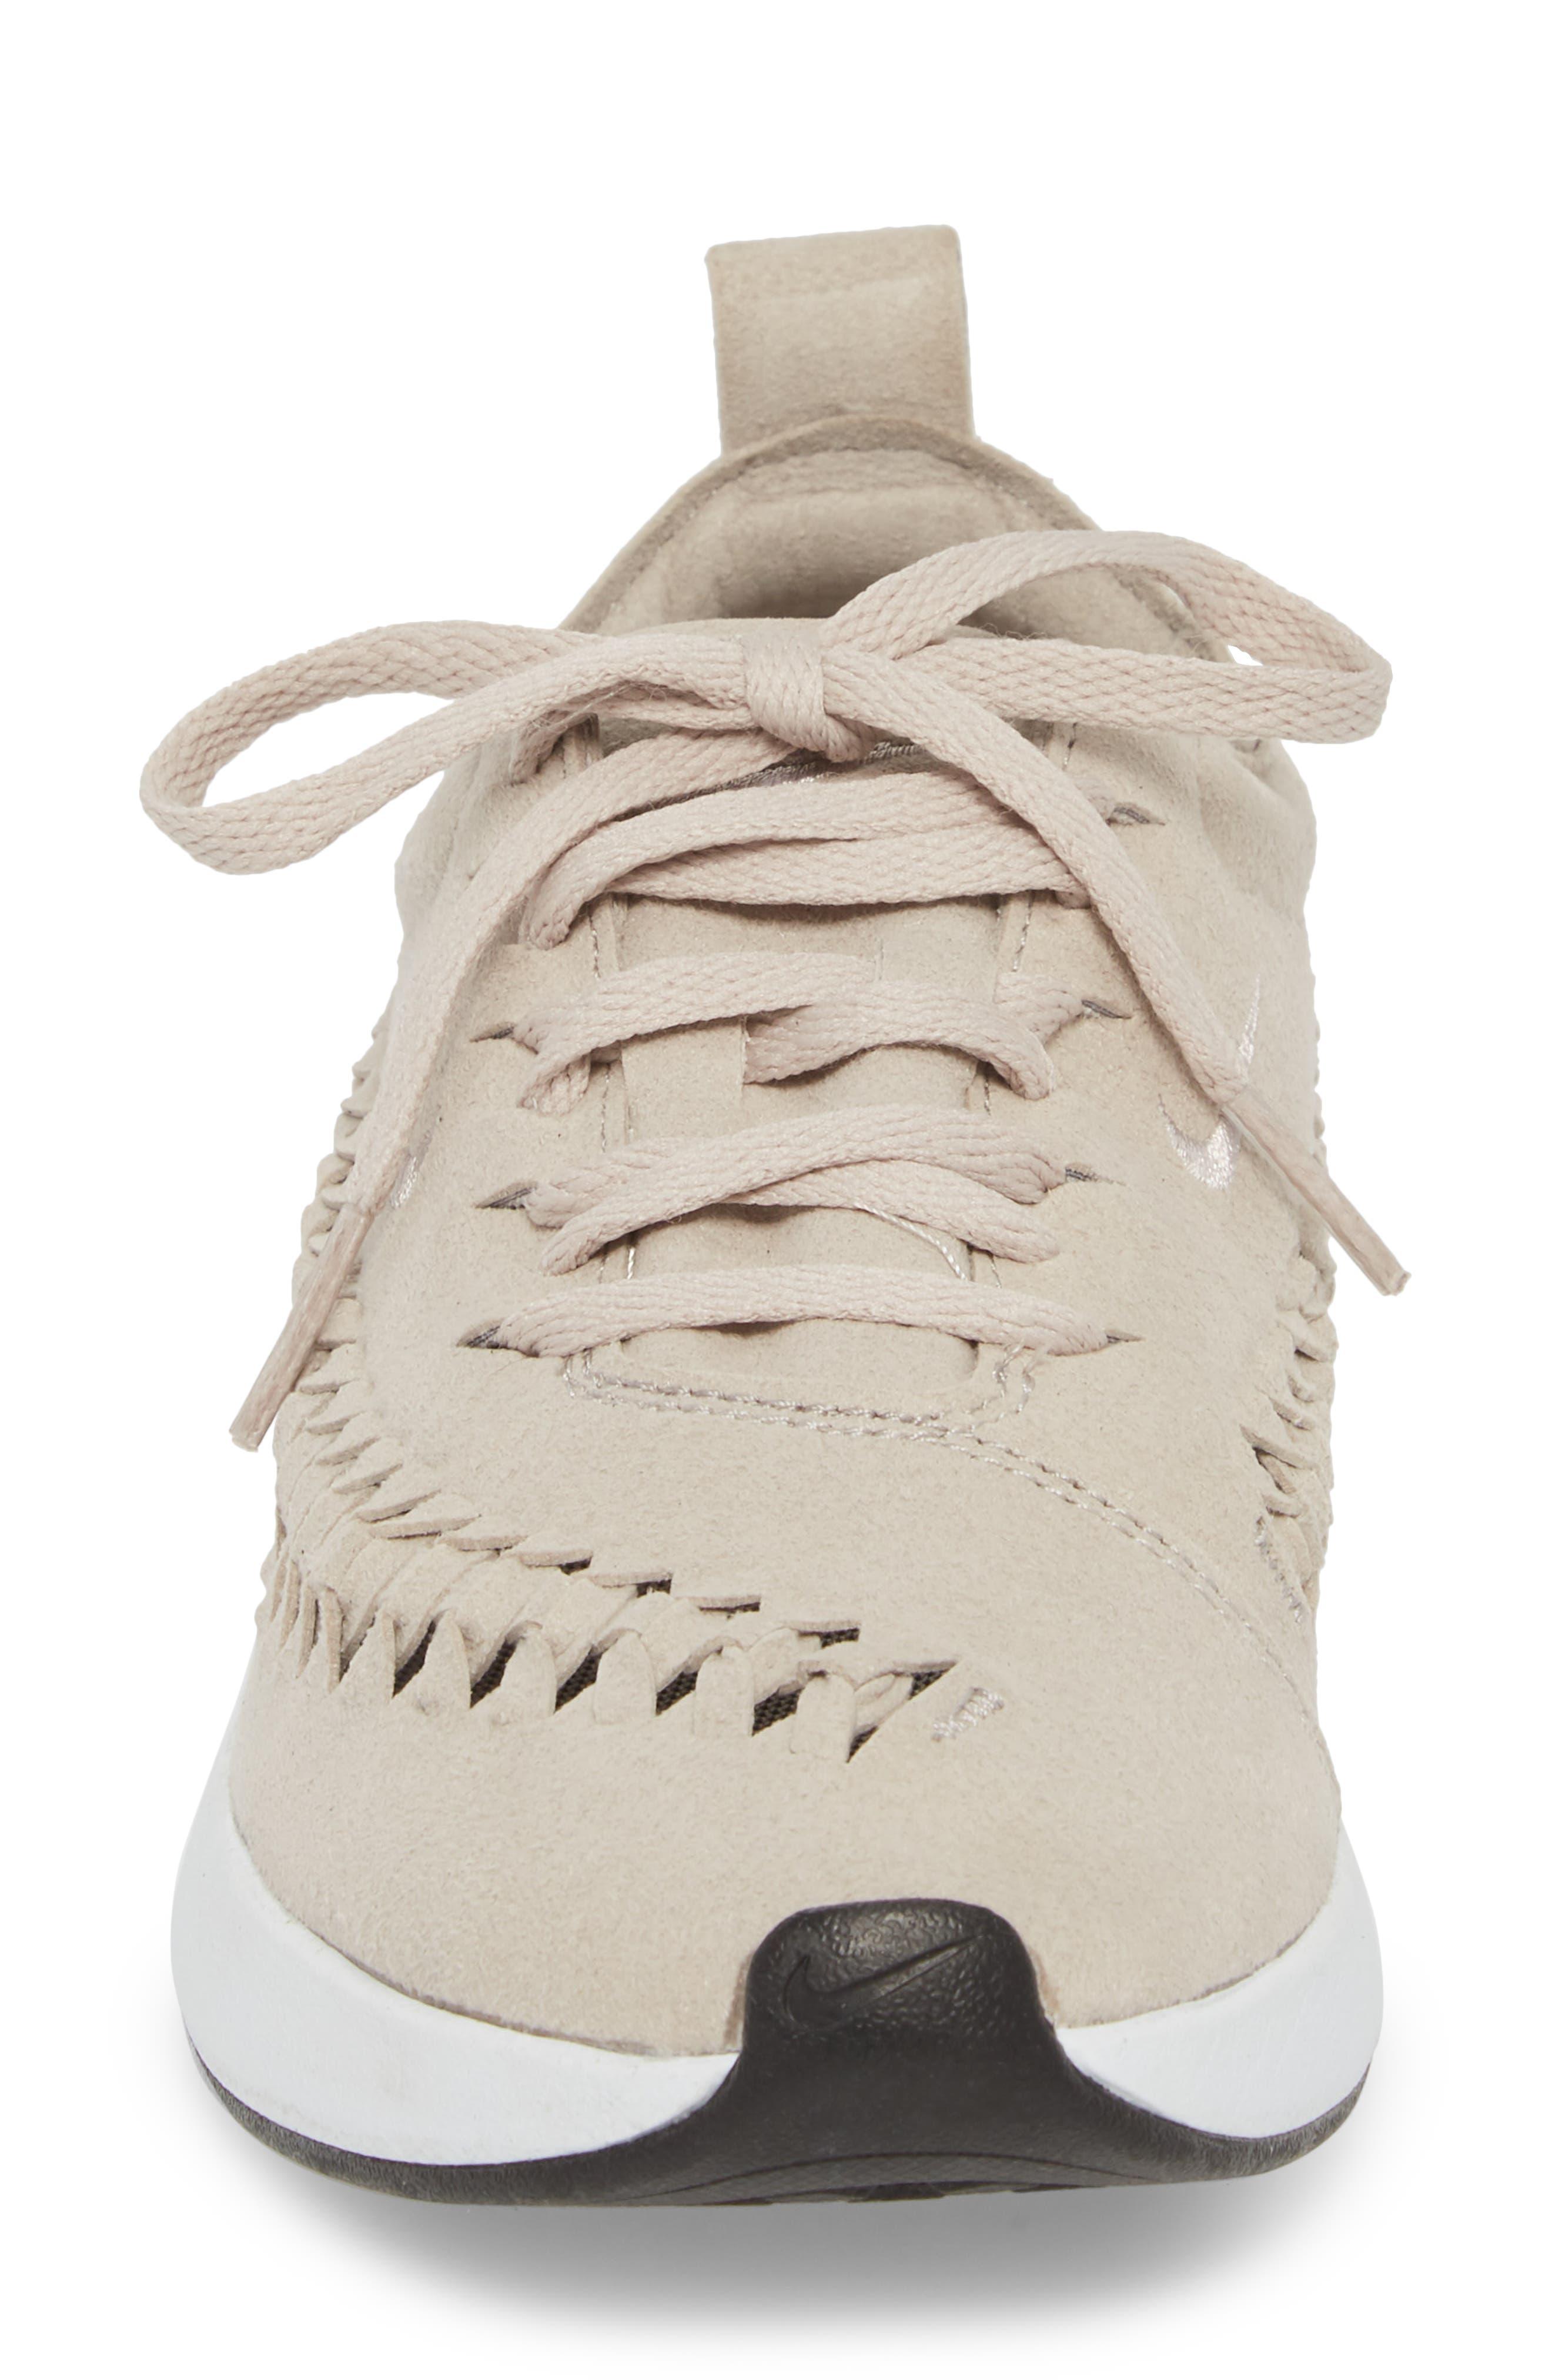 Dualtone Racer Woven Sneaker,                             Alternate thumbnail 4, color,                             Moon Particle/ Moon Particle